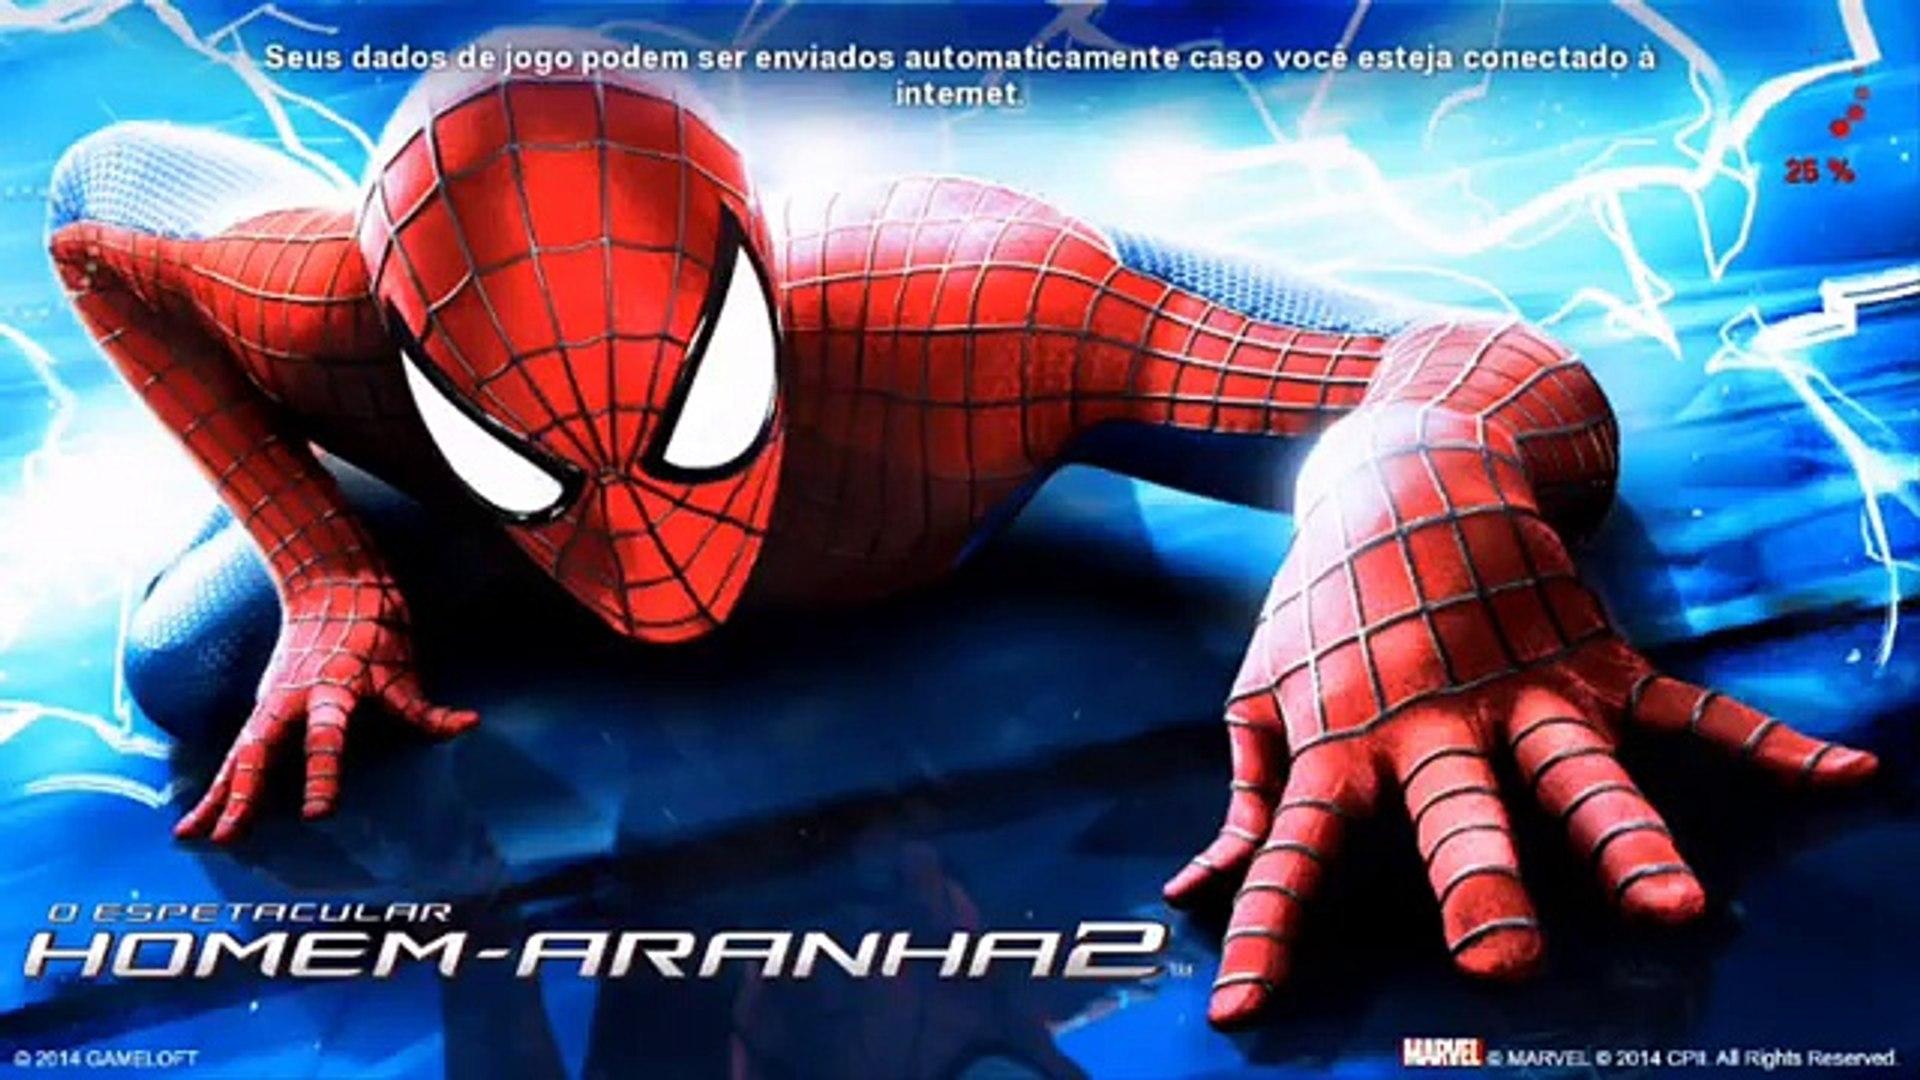 Espetacular Homem Aranha 2 Jogo Para Android Video Dailymotion